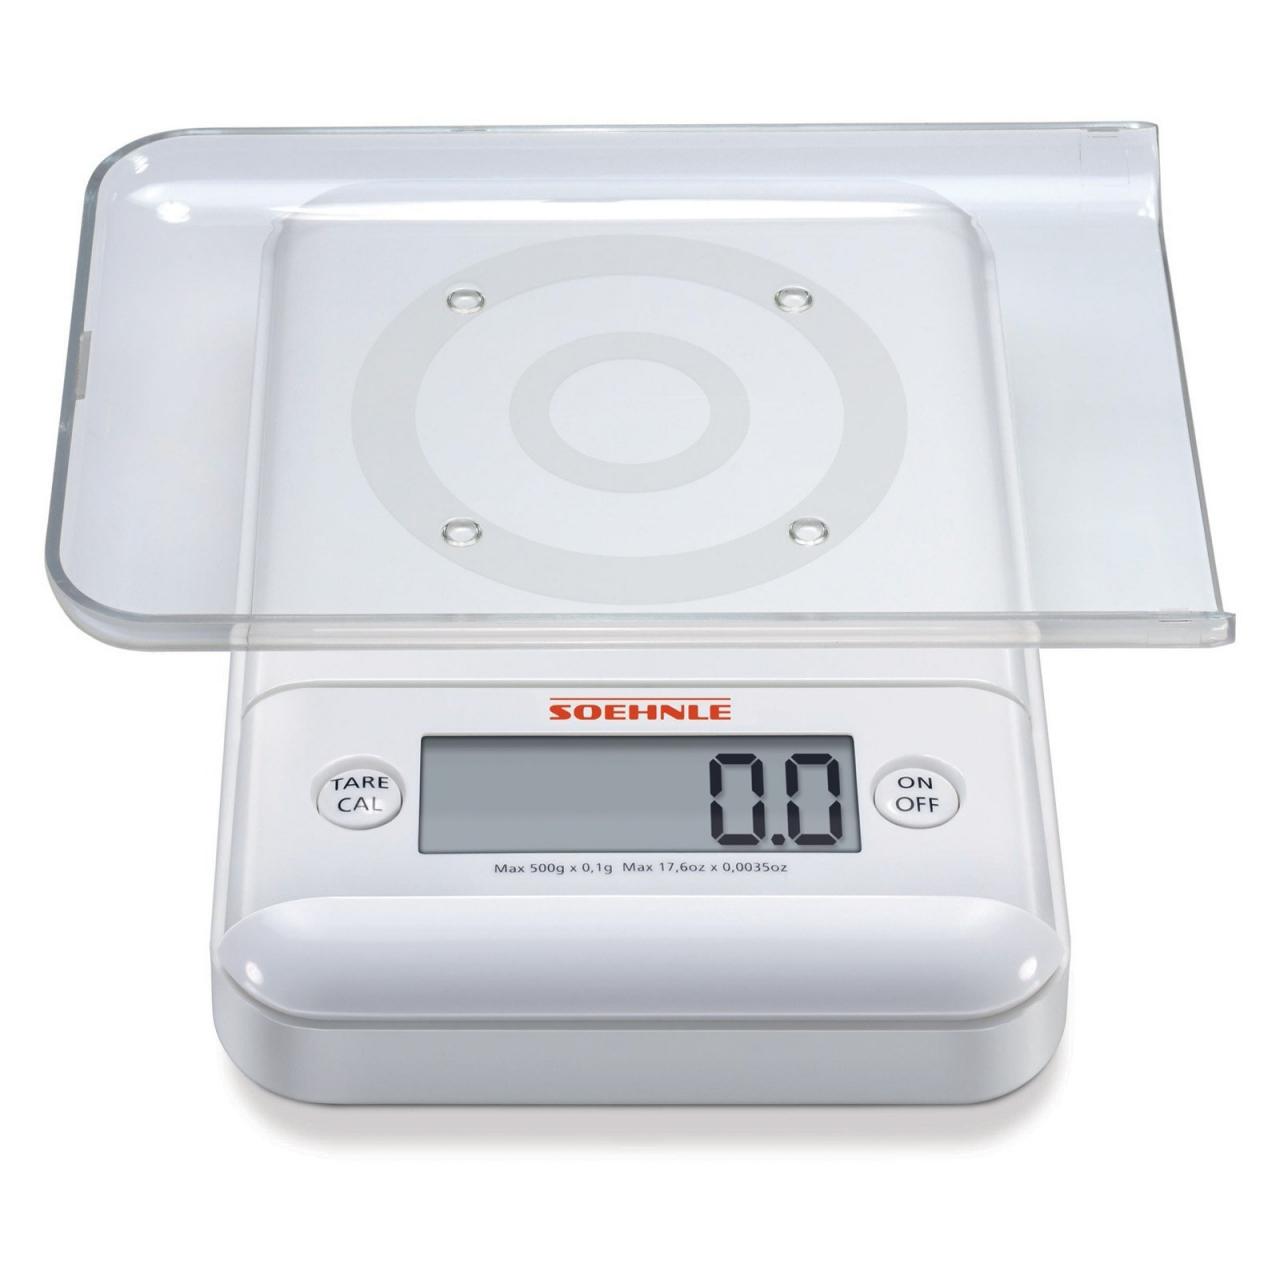 Soehnle Lékárnická váha ULTRA 2.0 – digitální SOEHNLE 66150